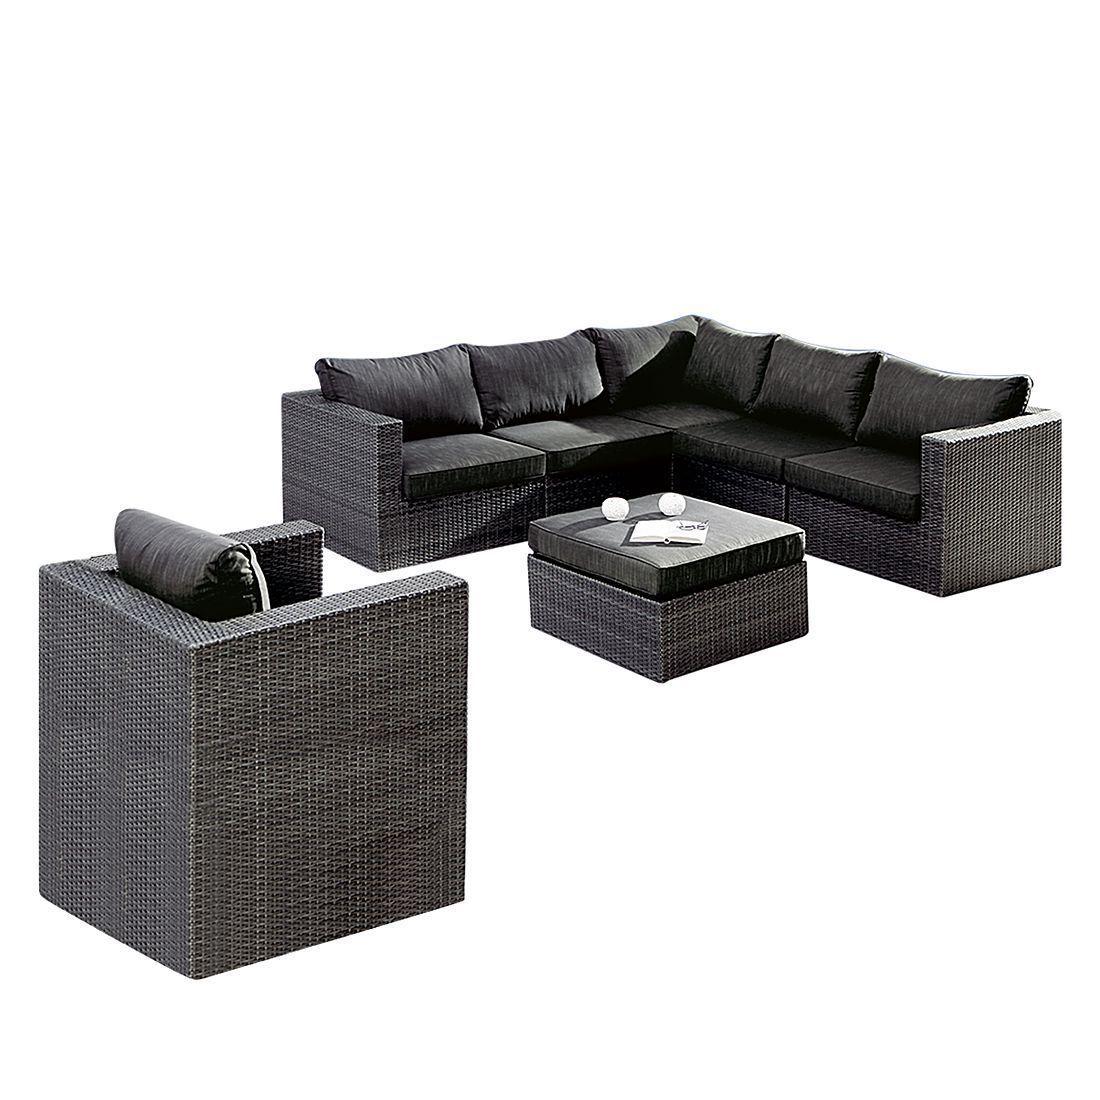 Home24 Lounge Gruppe Aruba Outdoor Lounge Mobel Lounge Mobel